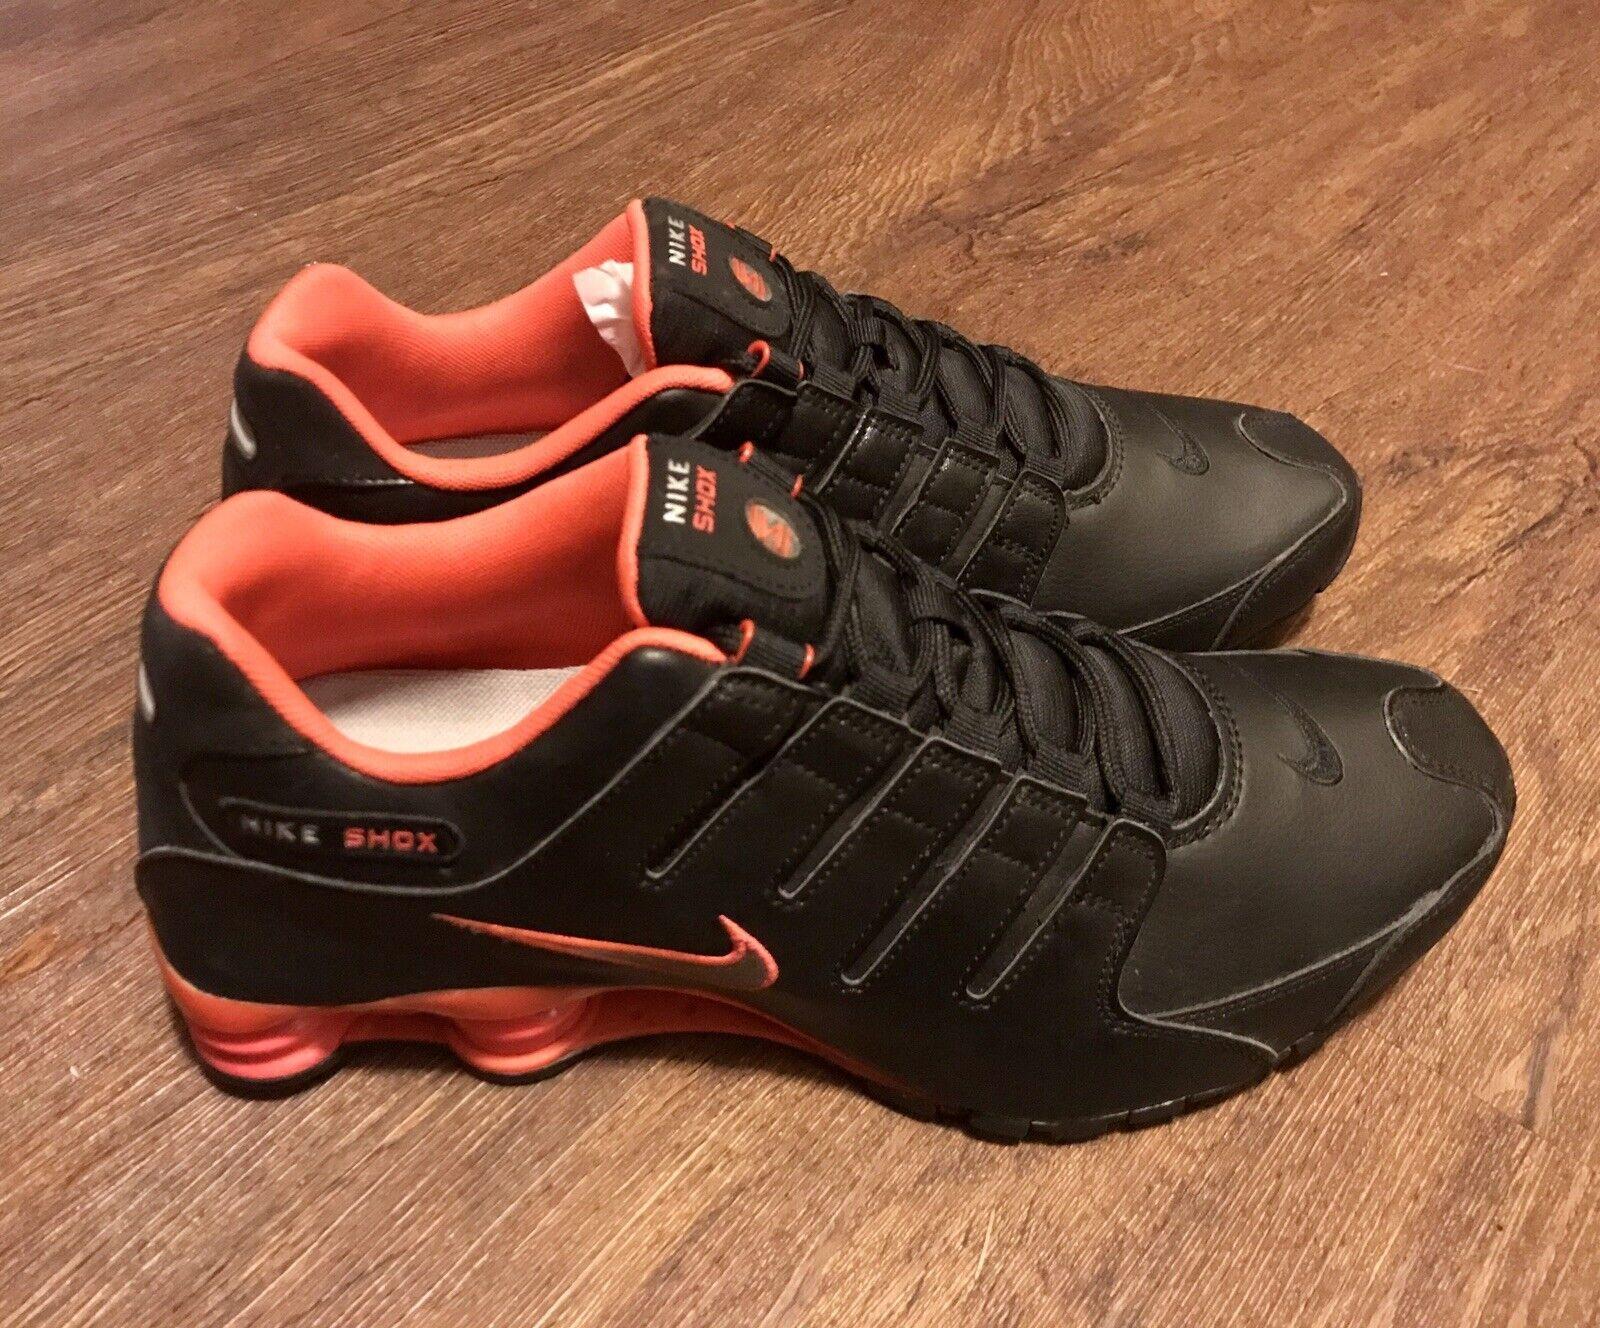 online retailer 302f1 334d4 NEW Nike Shox Shox Shox NZ Black Running shoes Men s Size 13 Classic Rare  shoes 378341